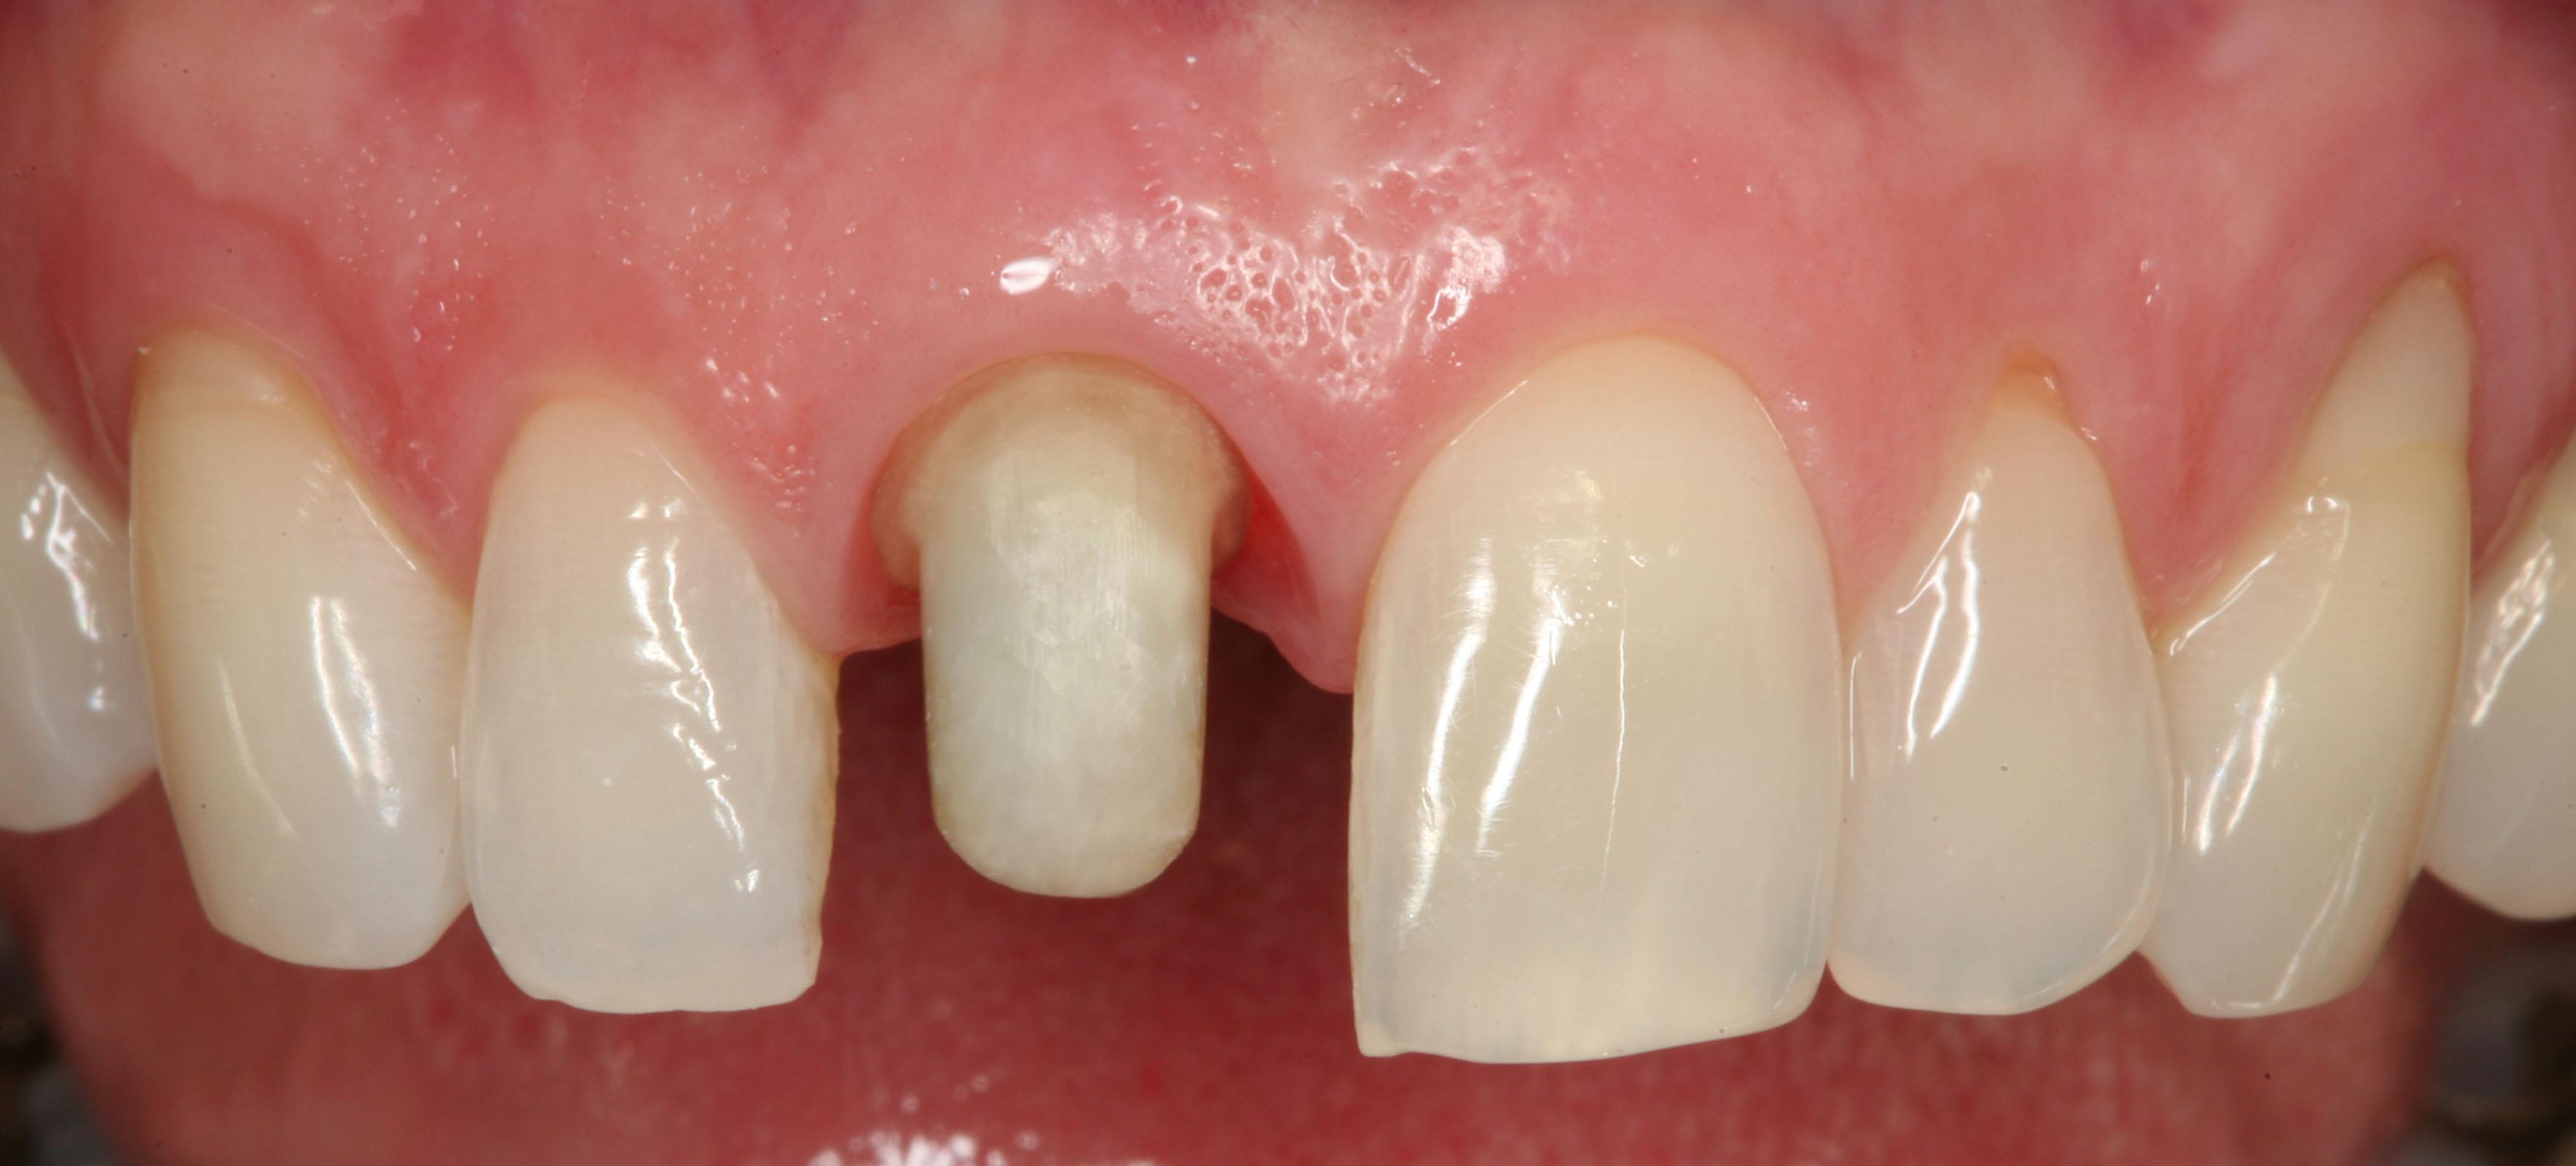 Mài nhỏ răng cửa có HẠI không? Cách phục hình hiệu quả 2